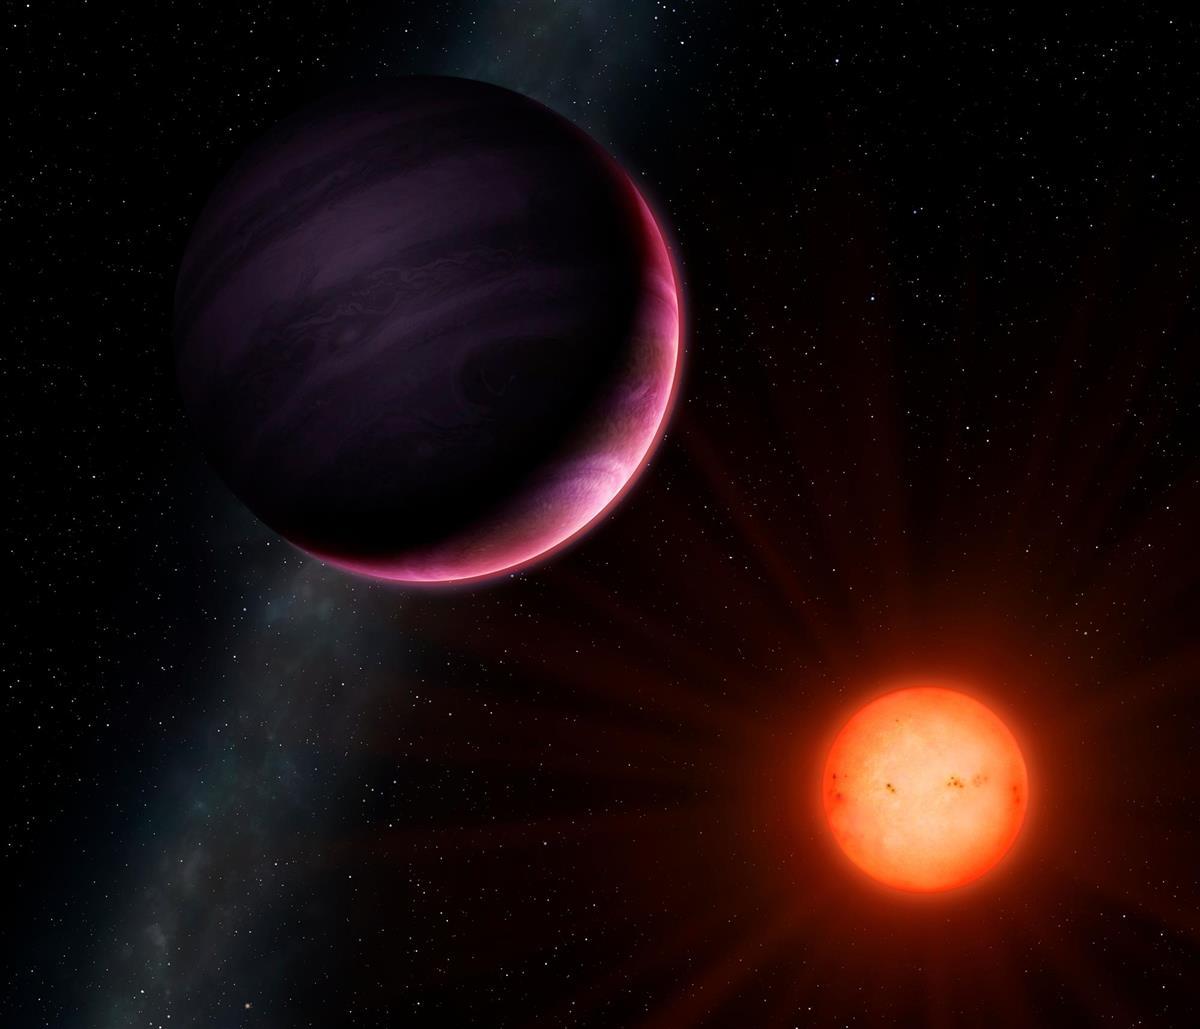 planetagigante2_b2466db9_1200x1029.JPG